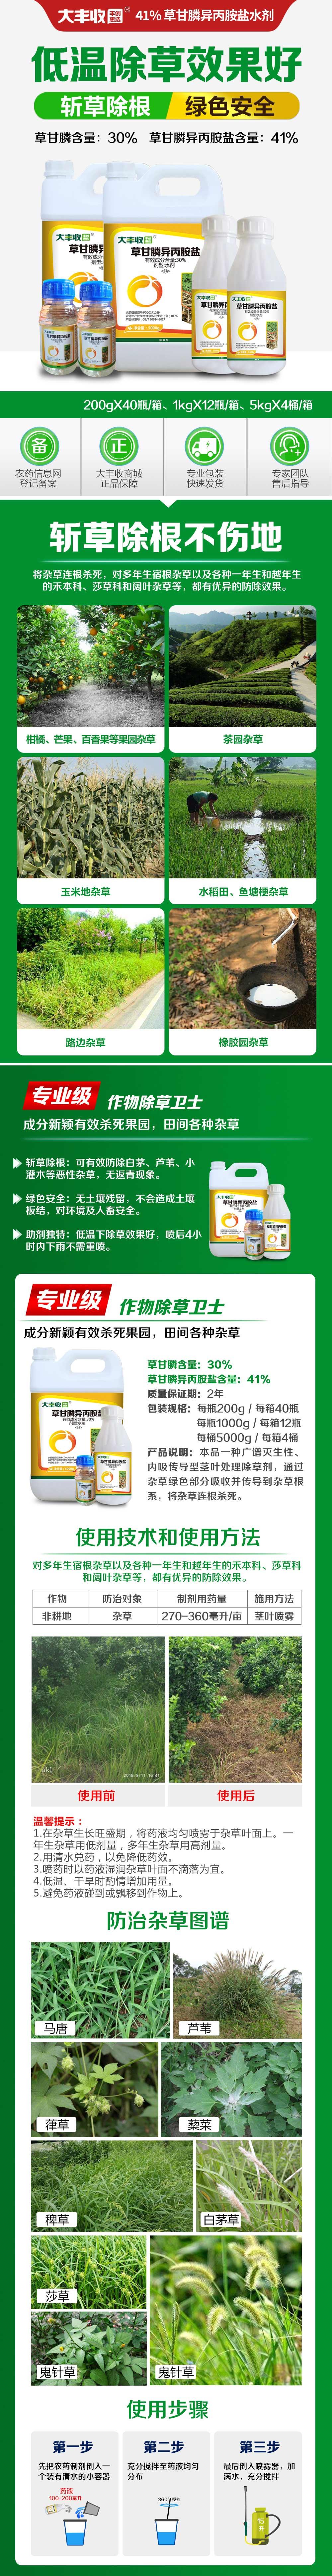 【丰创惠选】41%草甘膦异丙铵盐水剂--小.jpg